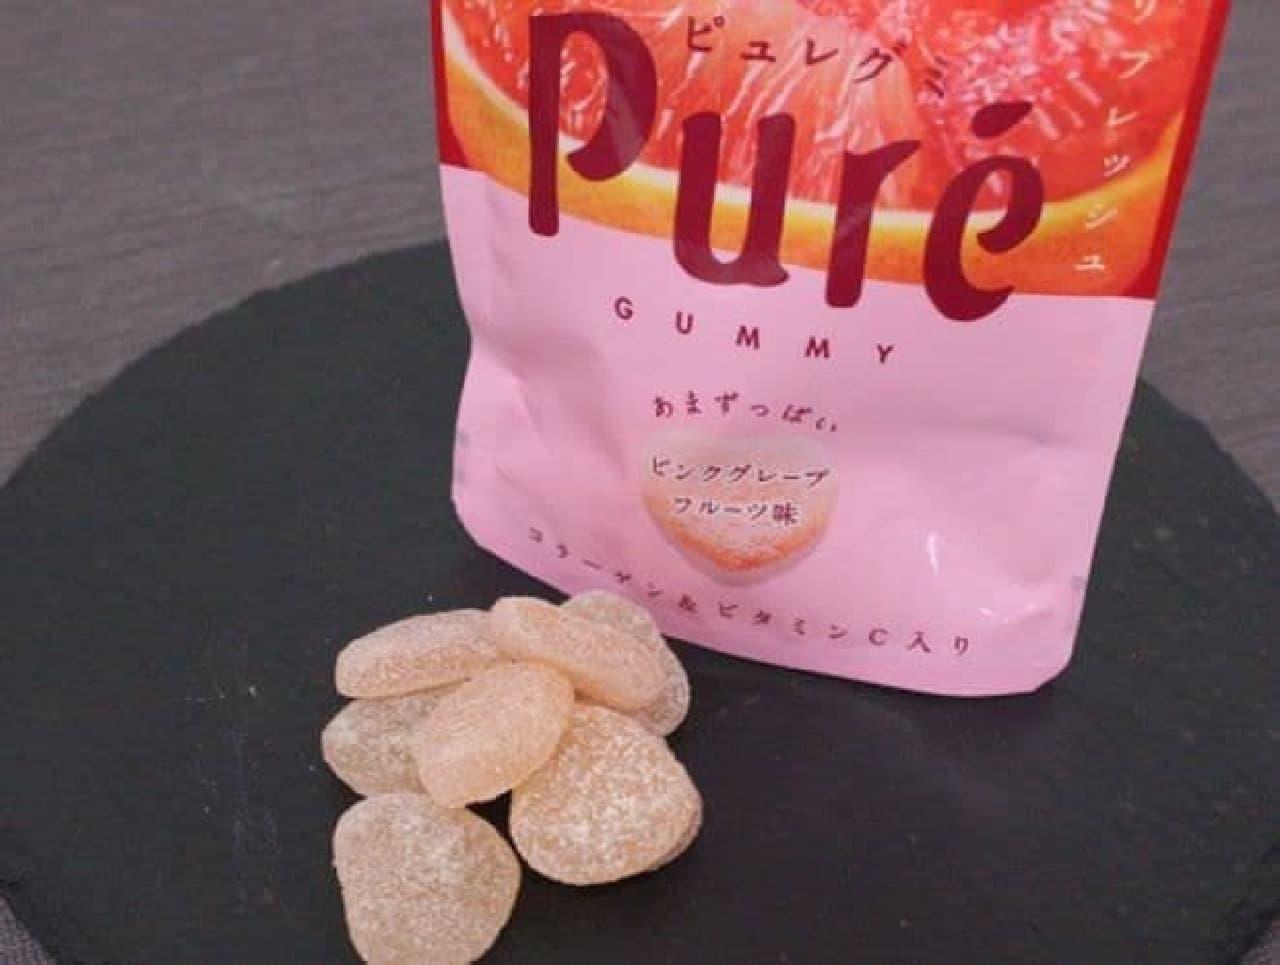 ピュレグミ 濃いピンクグレープフルーツは、通常のピュレグミの2倍の果汁が使用されたグミ